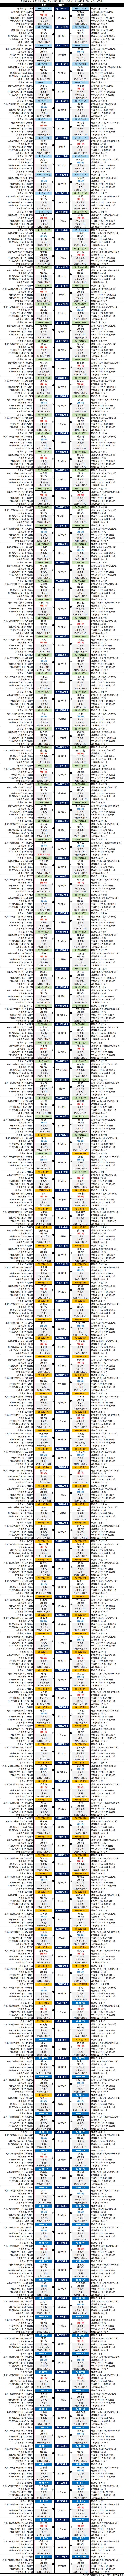 大相撲・2020年3月場所9日目・幕下以下の取組結果